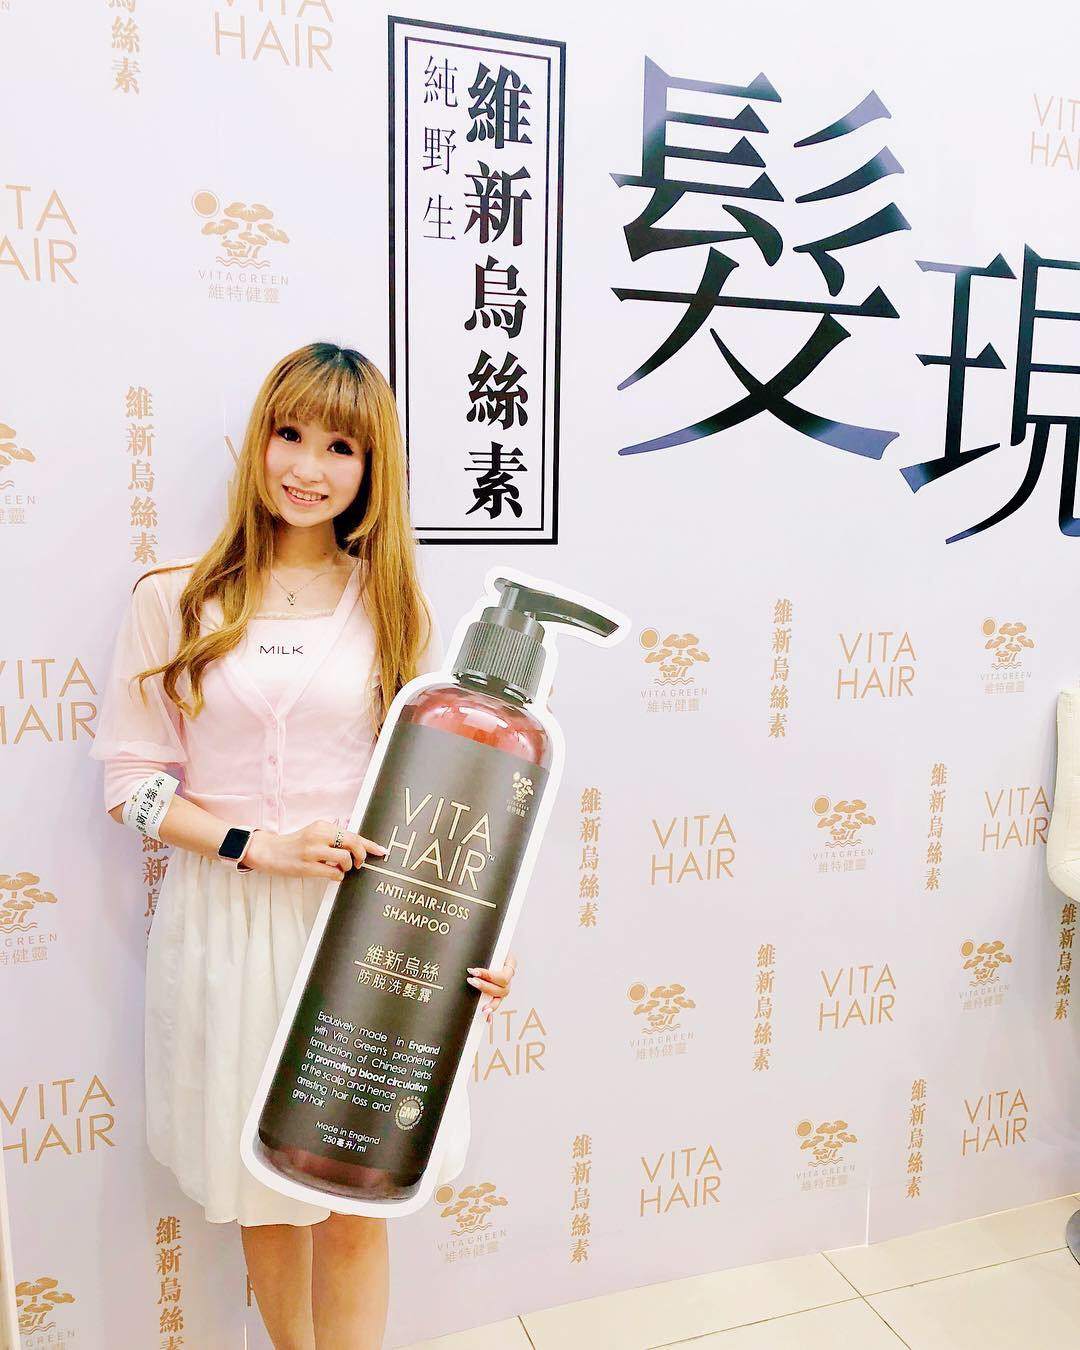 ♡ 保養 ◆ 針對脫髮問題, 讓頭髮展現光彩 ◆ 維特健靈 維新烏絲素 ♤